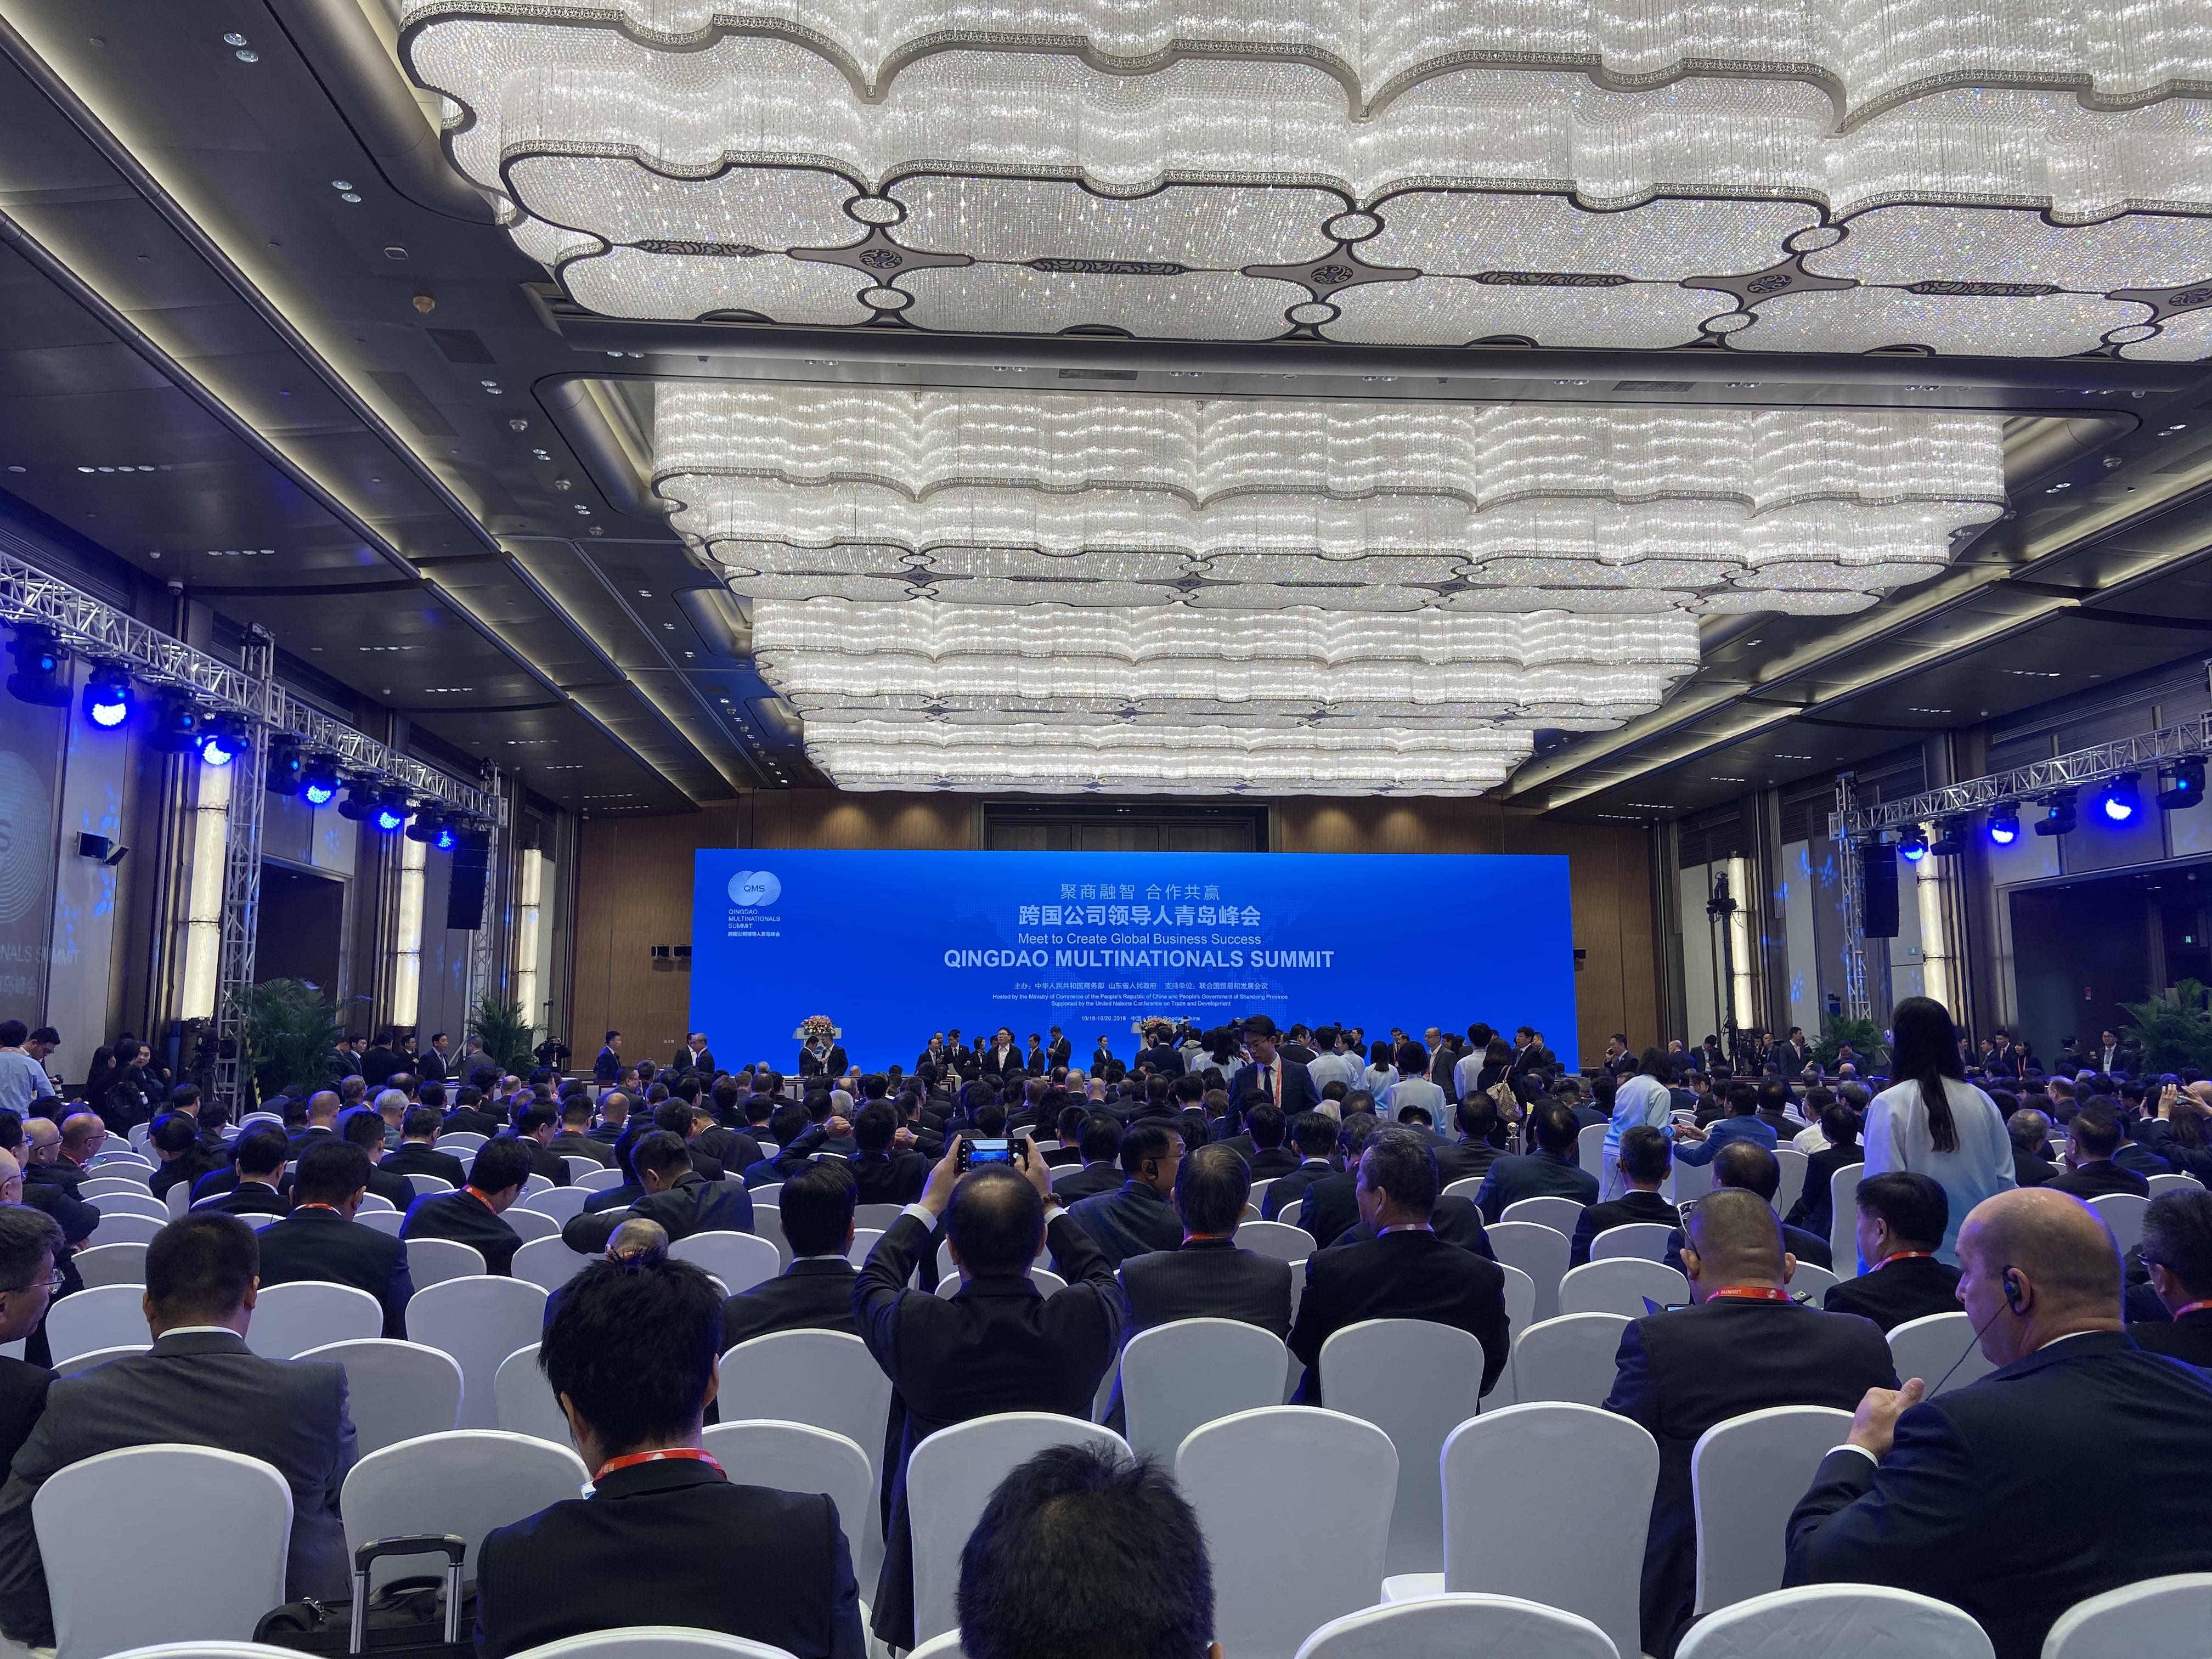 钟山:青岛峰会是中国推动更高水平开放的实际行动